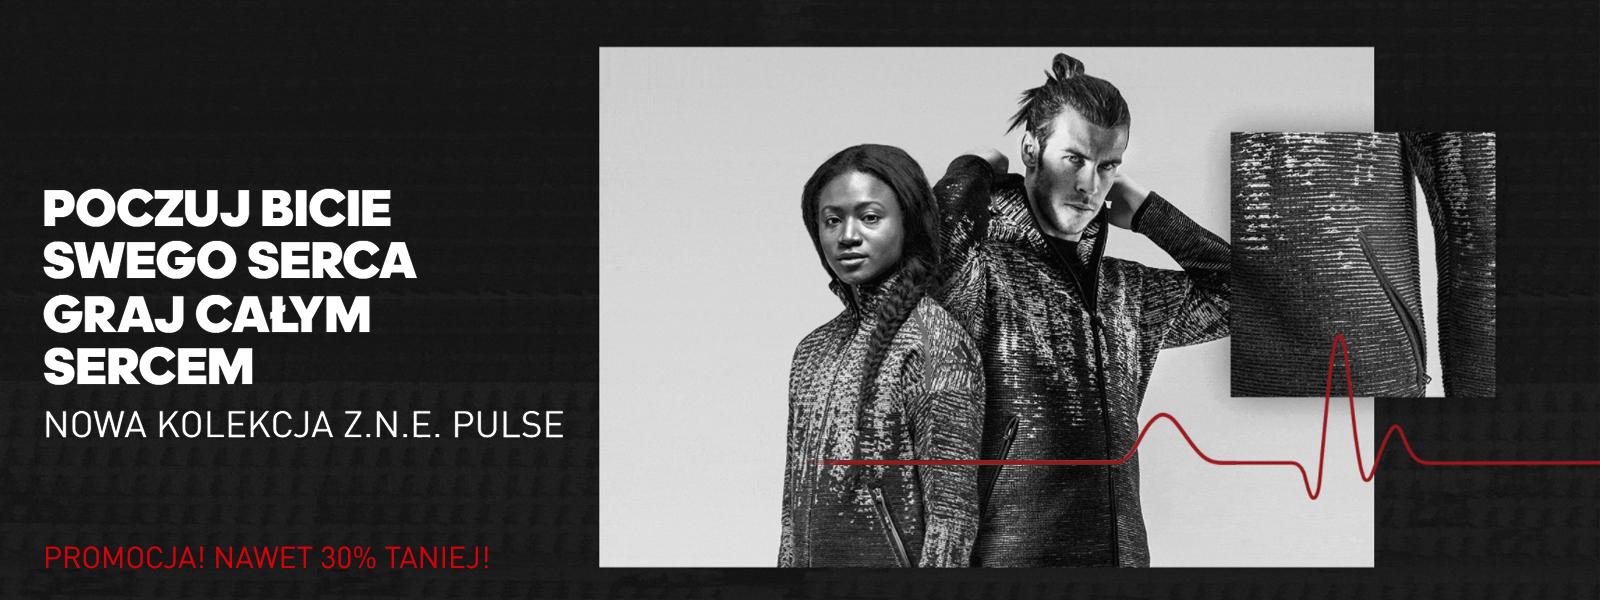 Z.N.E Pulse promocja